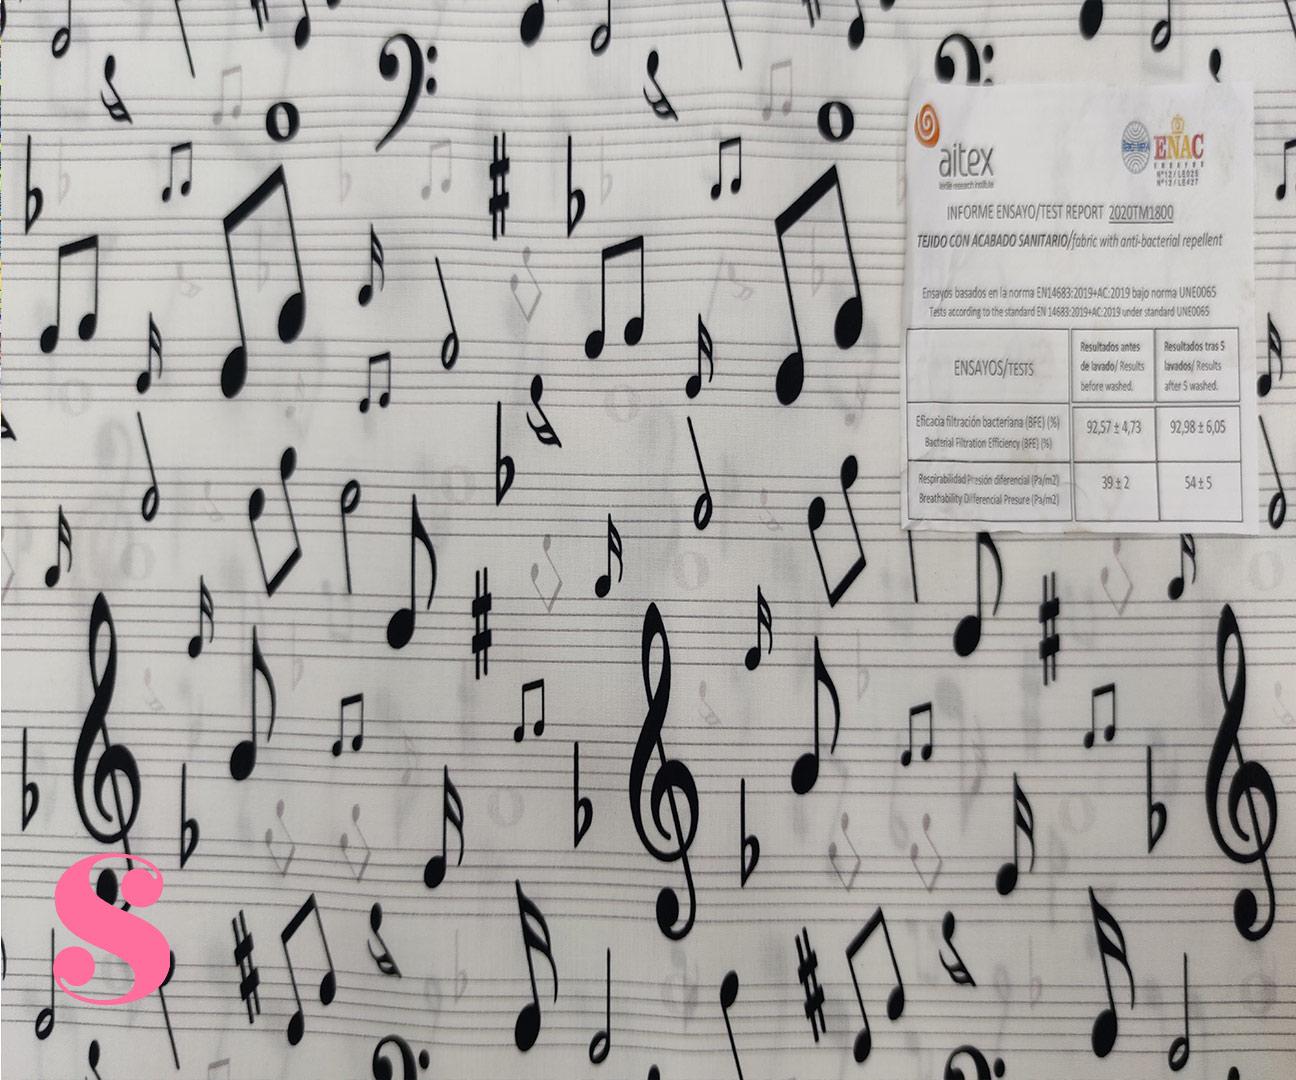 H22-notas-musicales-acabado-sanitario-hidrofugado-tejidos-algodón-estampado-percal,telas con acabado sanitario,tejidos con certificado por AITEX